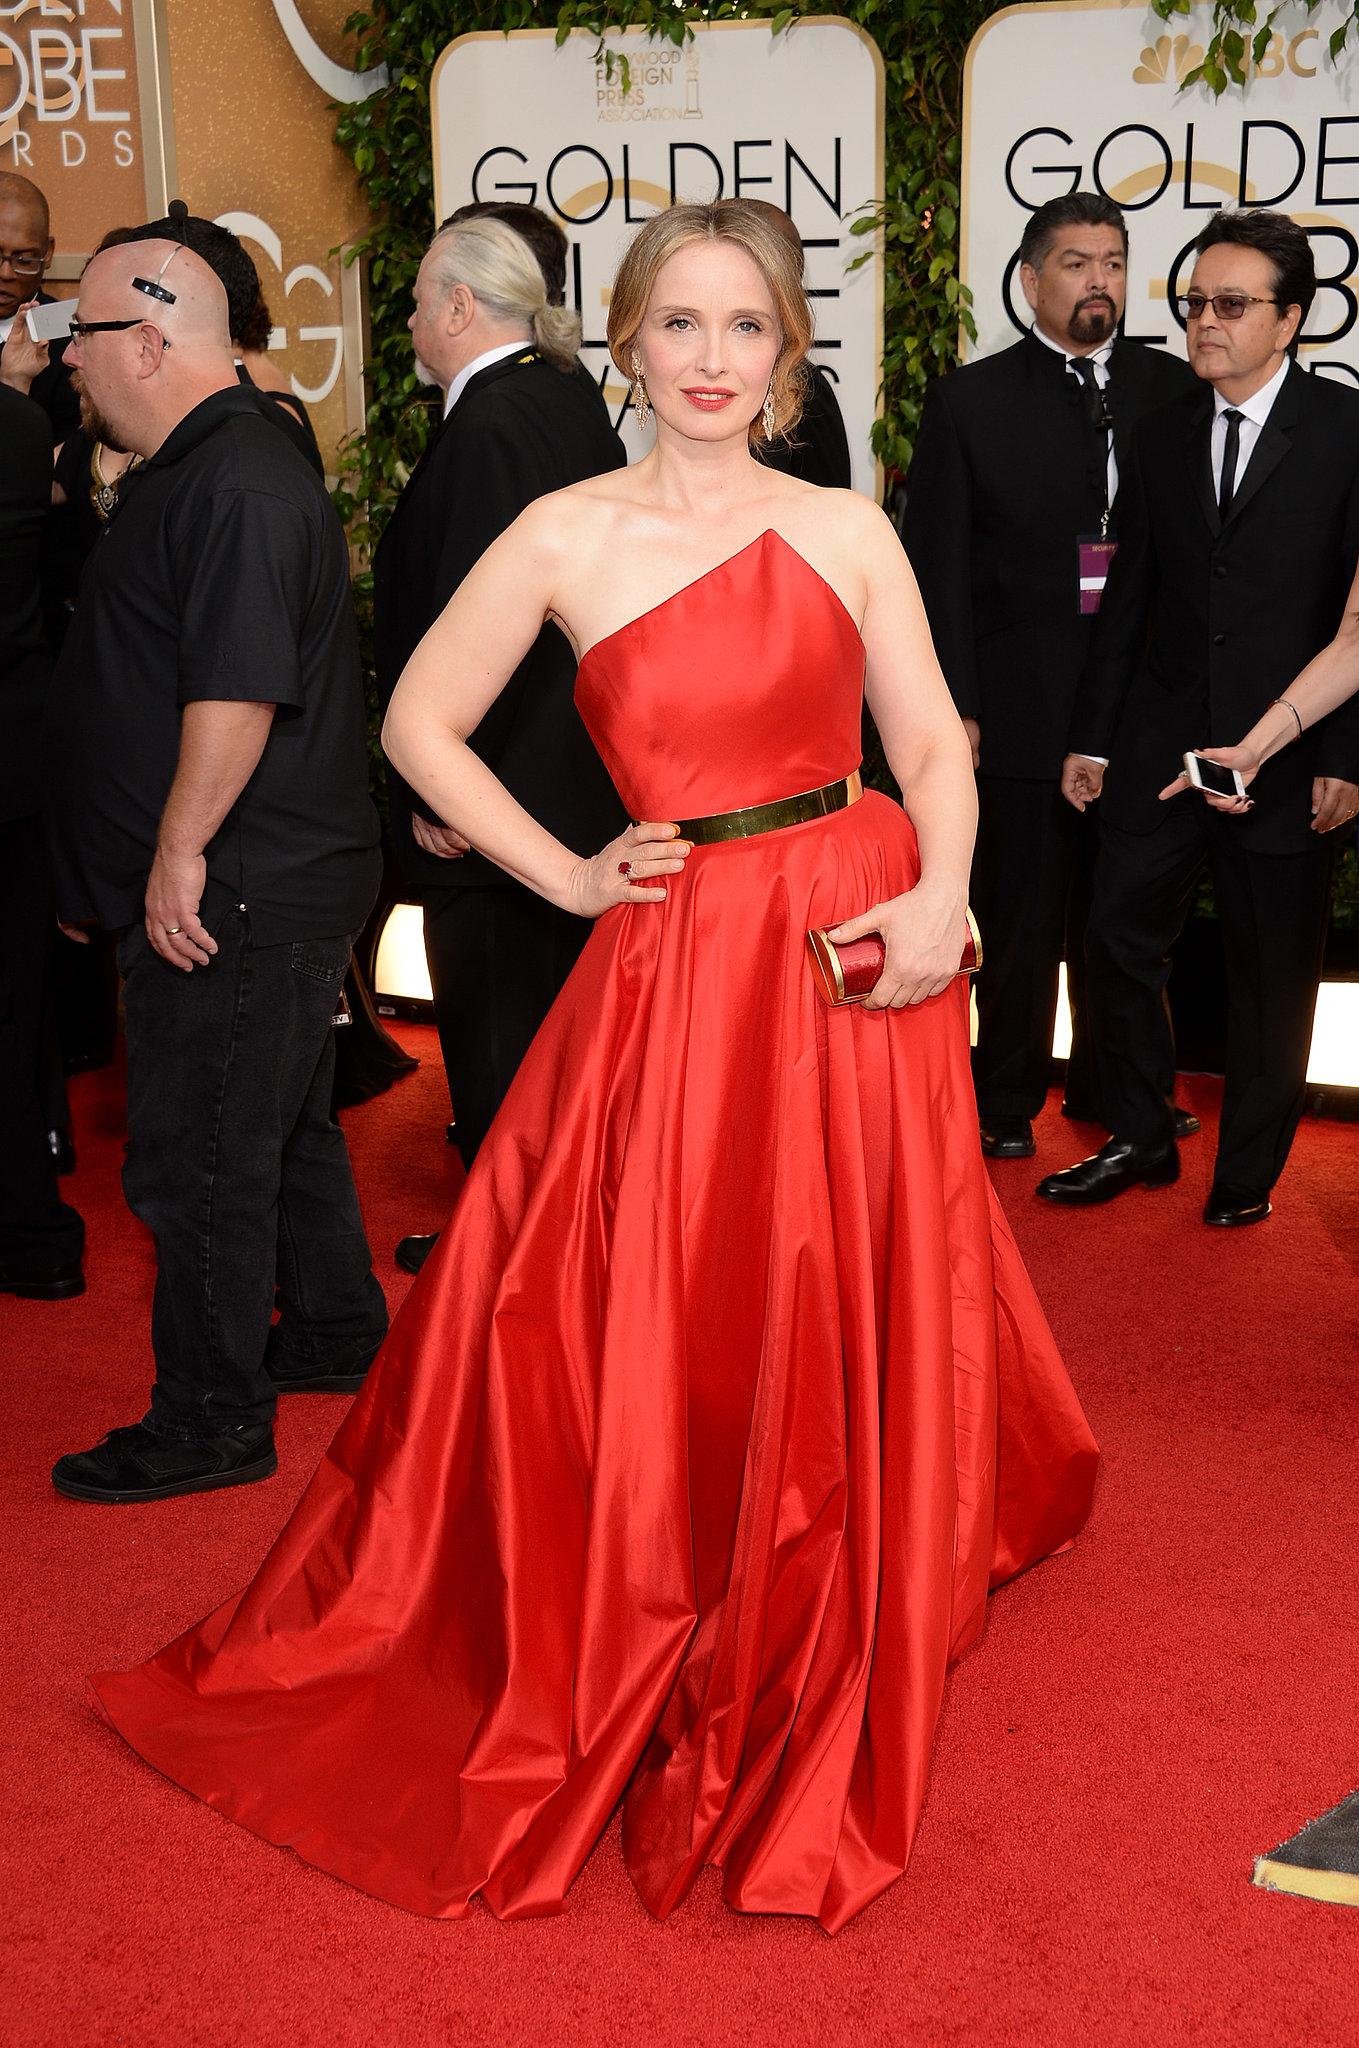 Julie Delpy arrived at the Golden Globes.